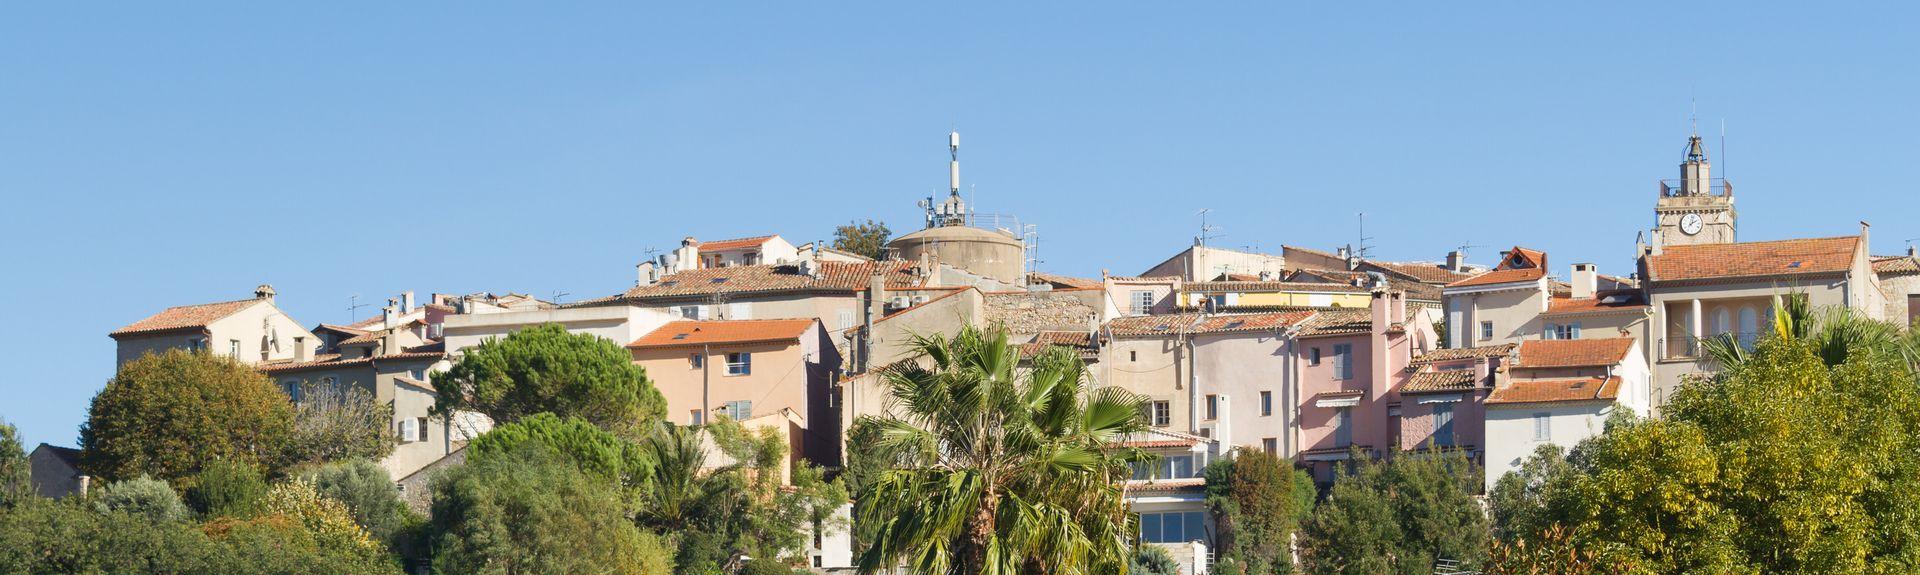 Mougins, Provence-Alpes-Côte d'Azur, Ranska